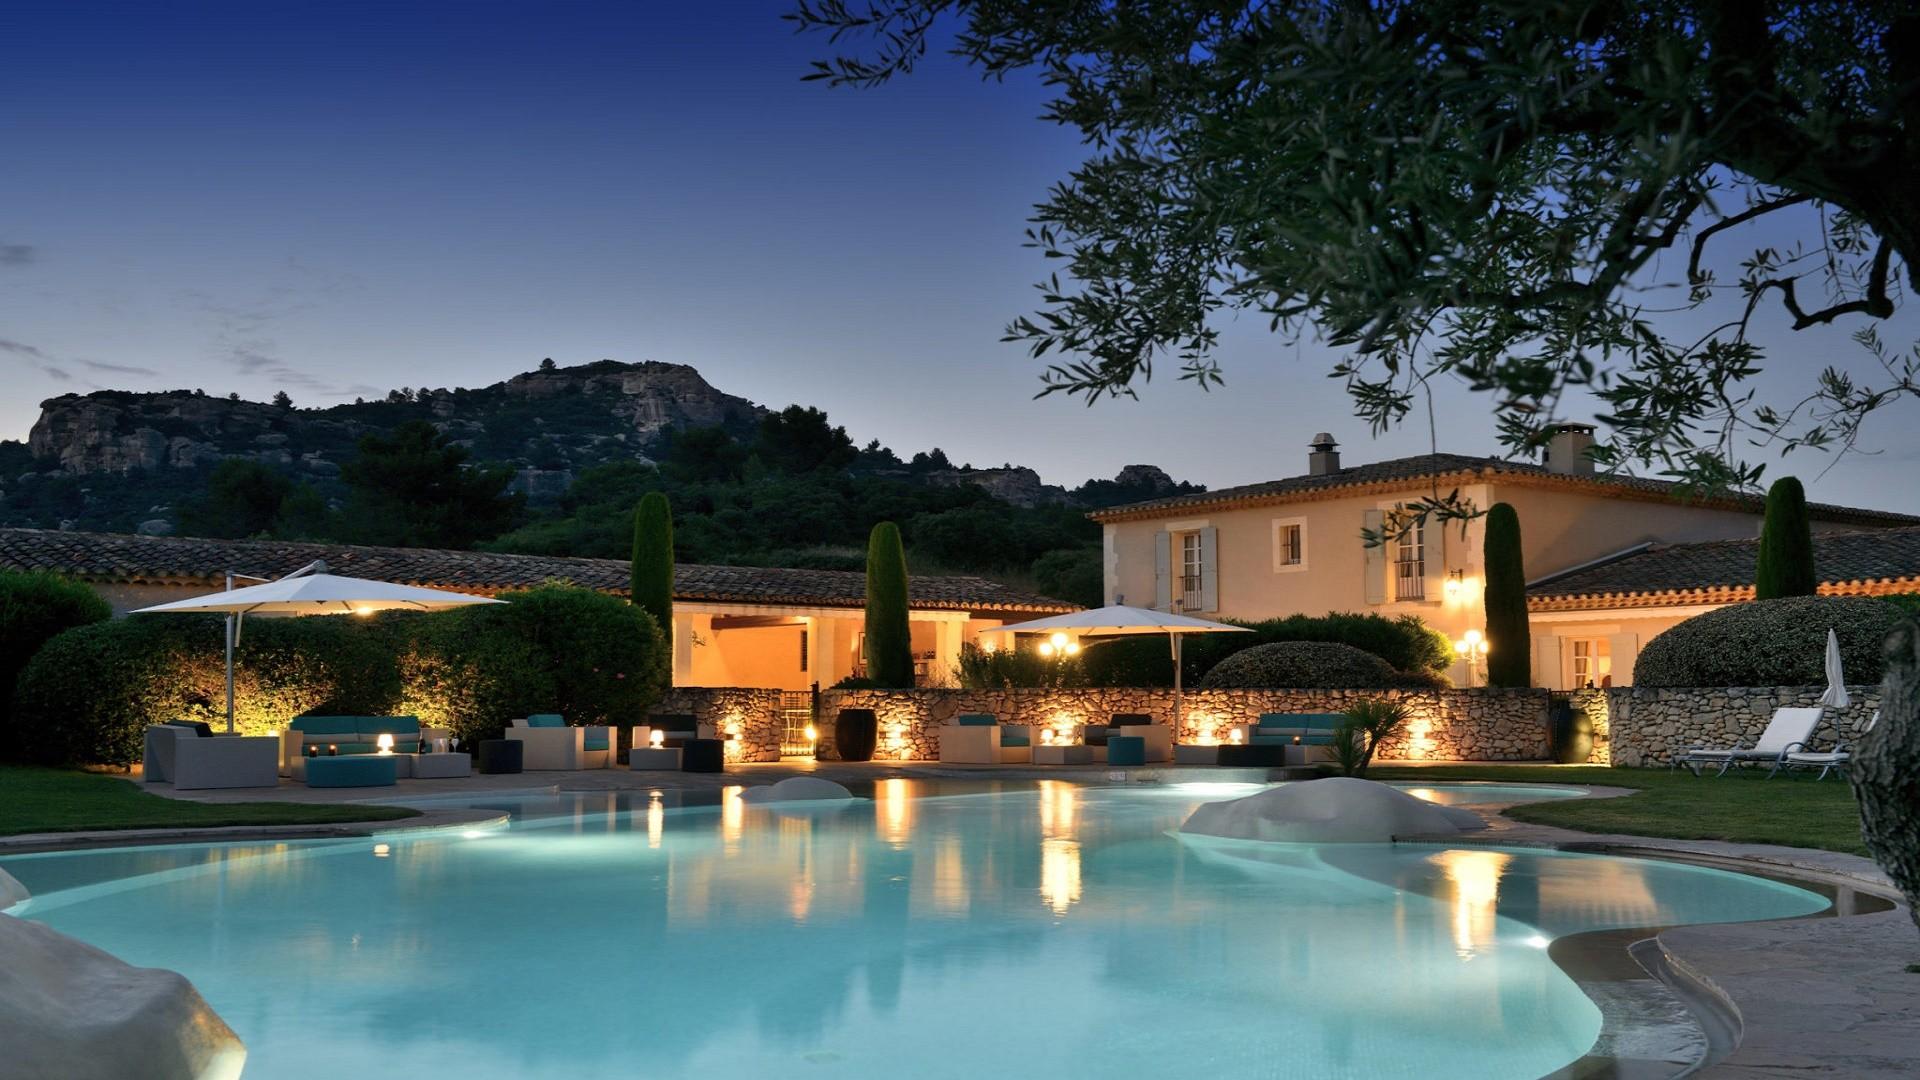 Mas-de-l'oulivie-Les-Baux -de-Provence-avignon-saint-remy-alpilles-nocturne